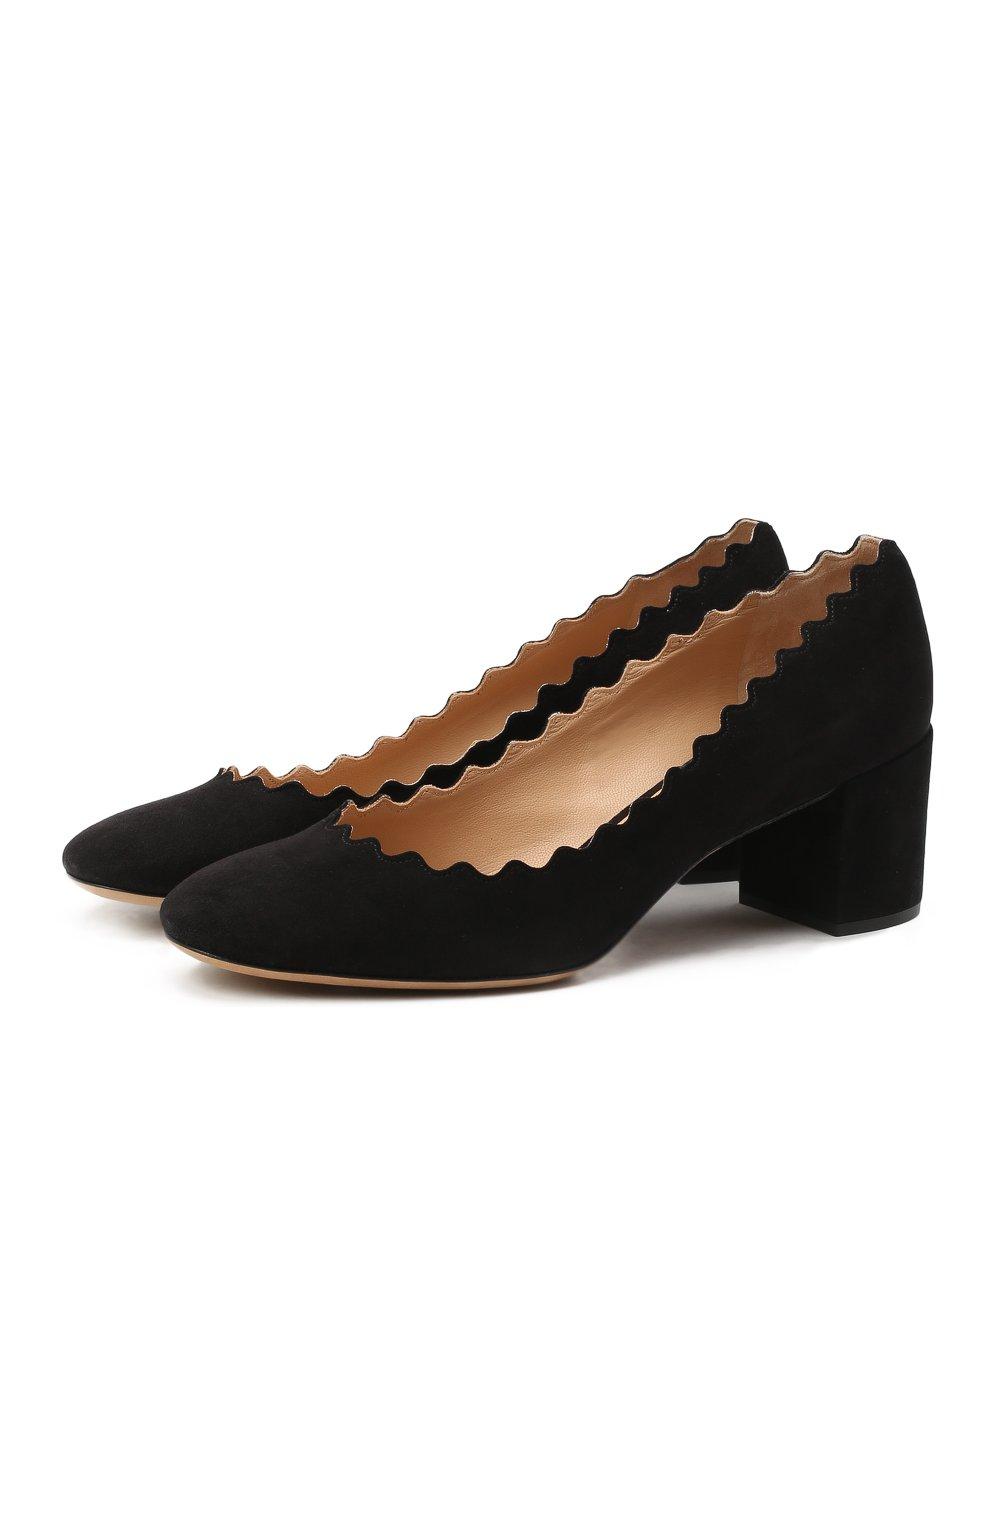 Замшевые туфли Lauren с фигурным вырезом | Фото №1